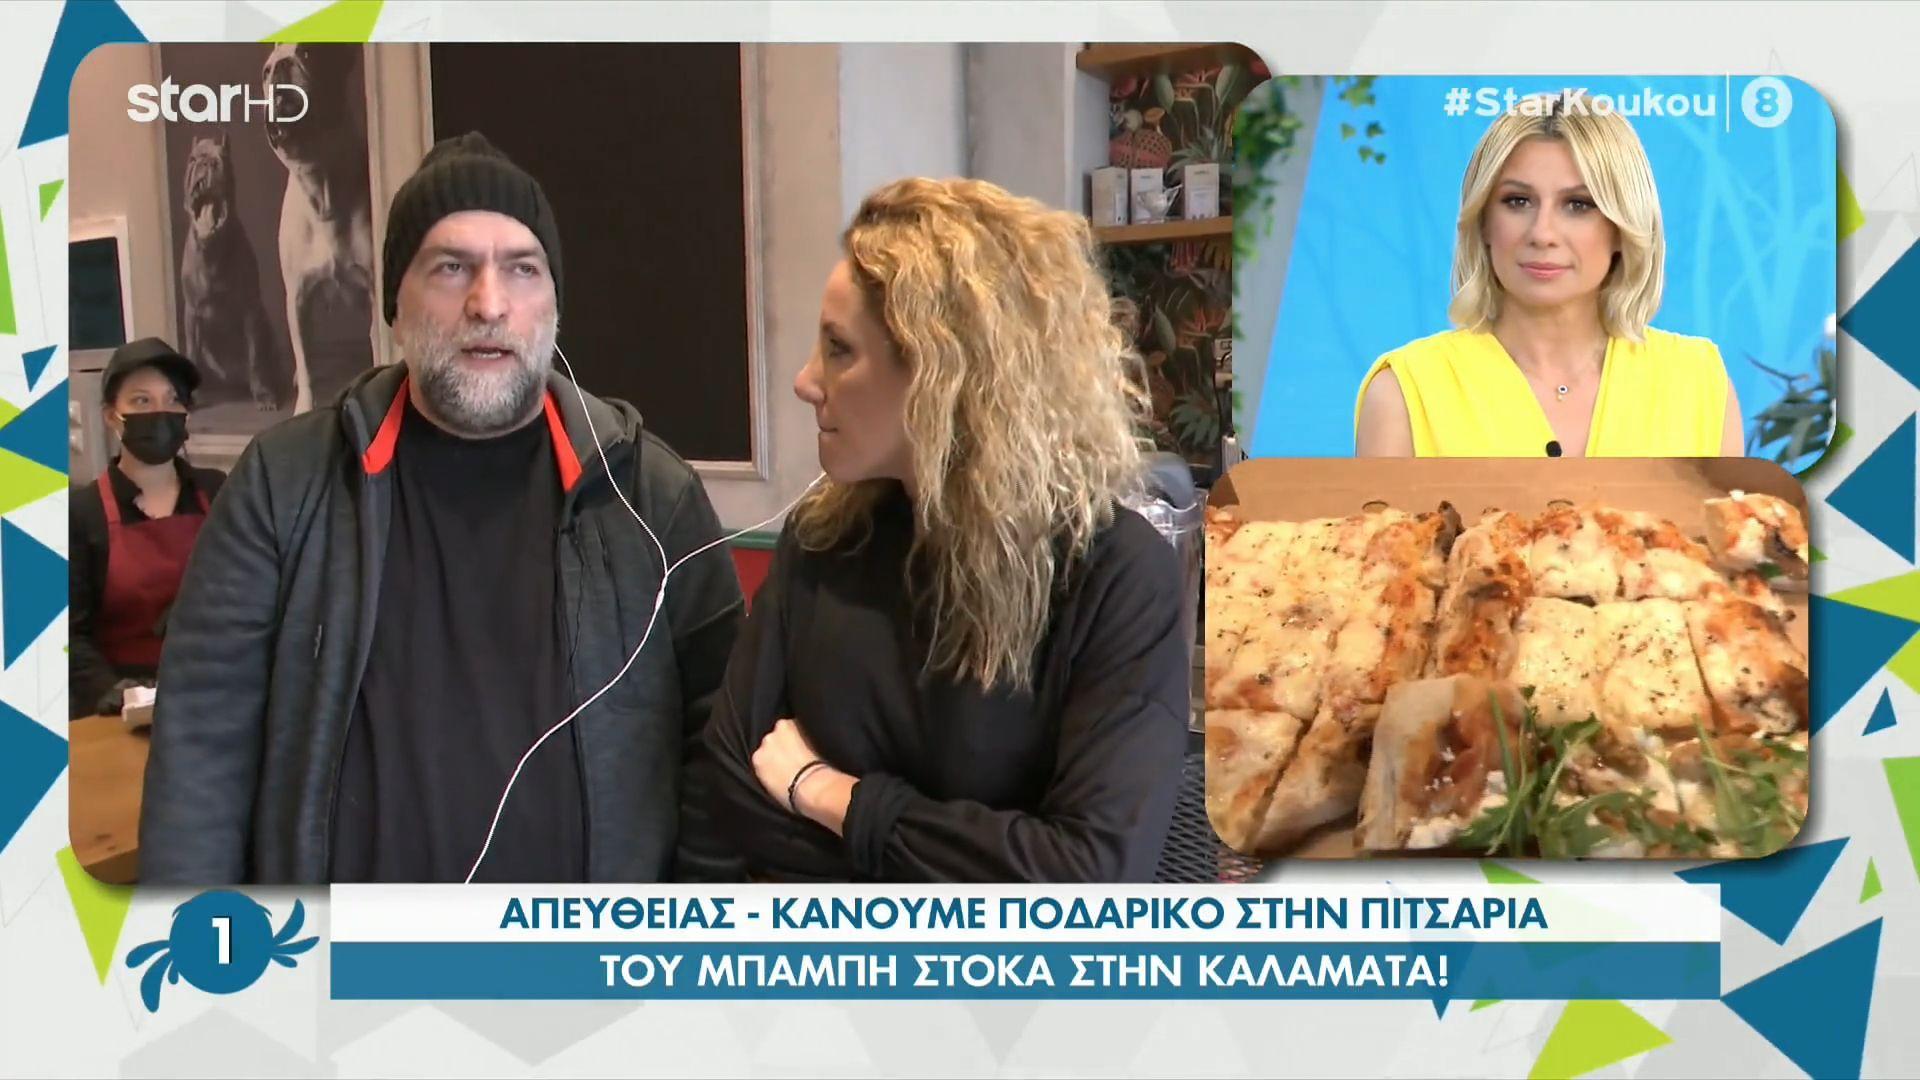 Ο Μπάμπης Στόκας άνοιξε  πιτσαρία στην Καλαμάτα! (video)